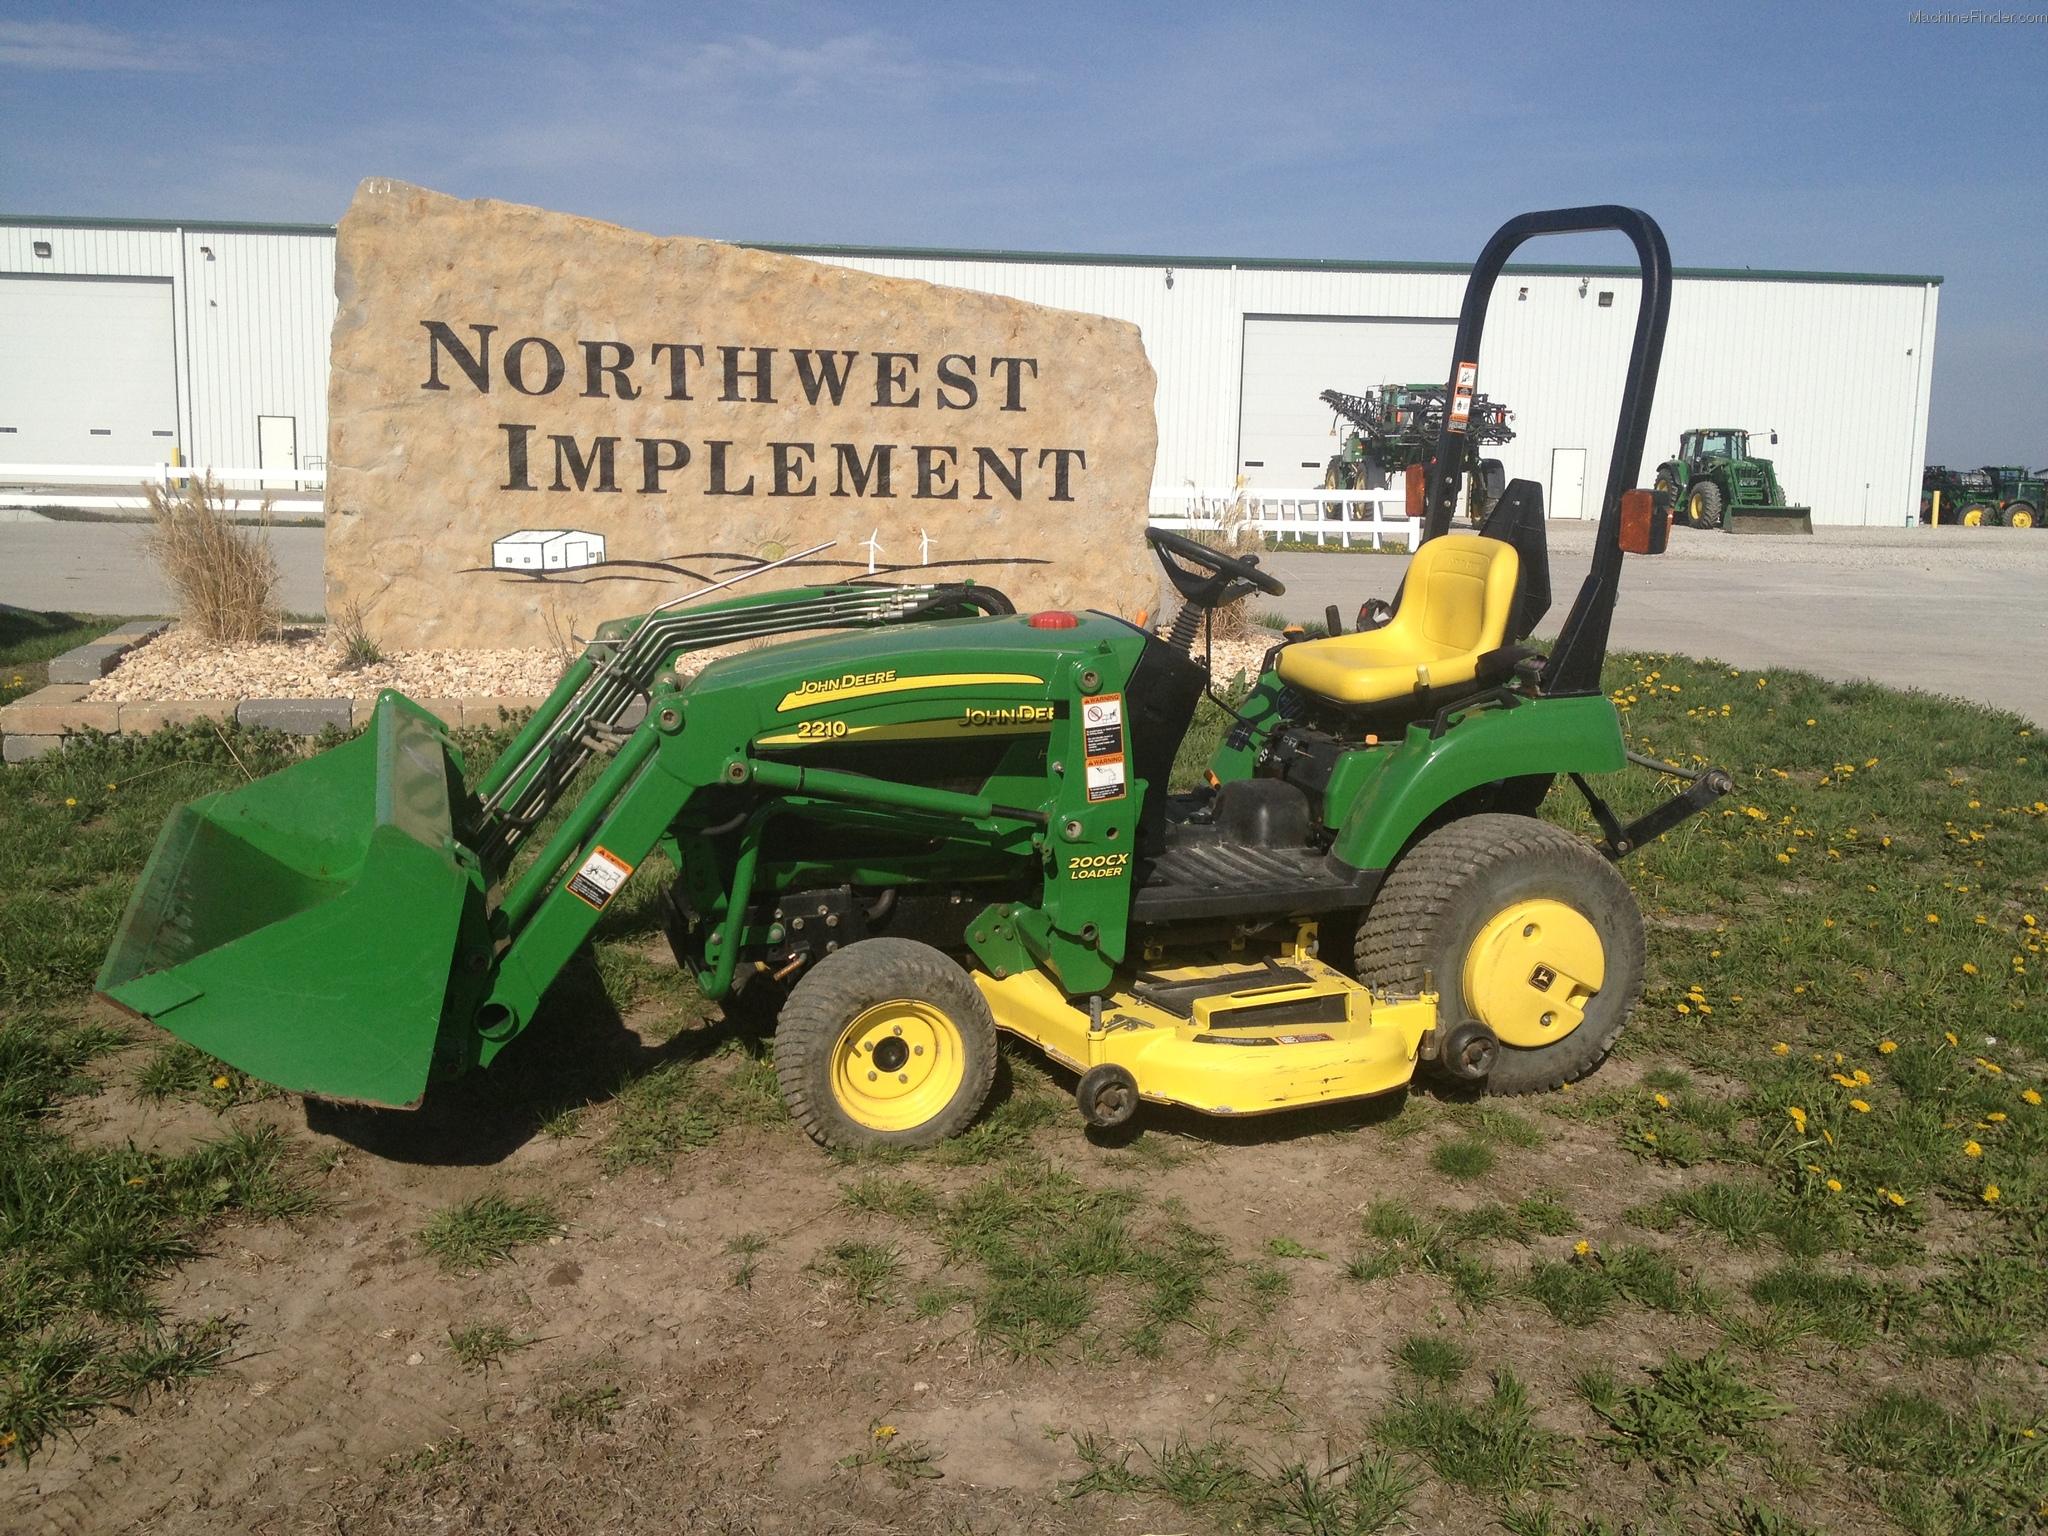 John Deere Lawn Tractor Engines : John deere tractor parts tractors lawn